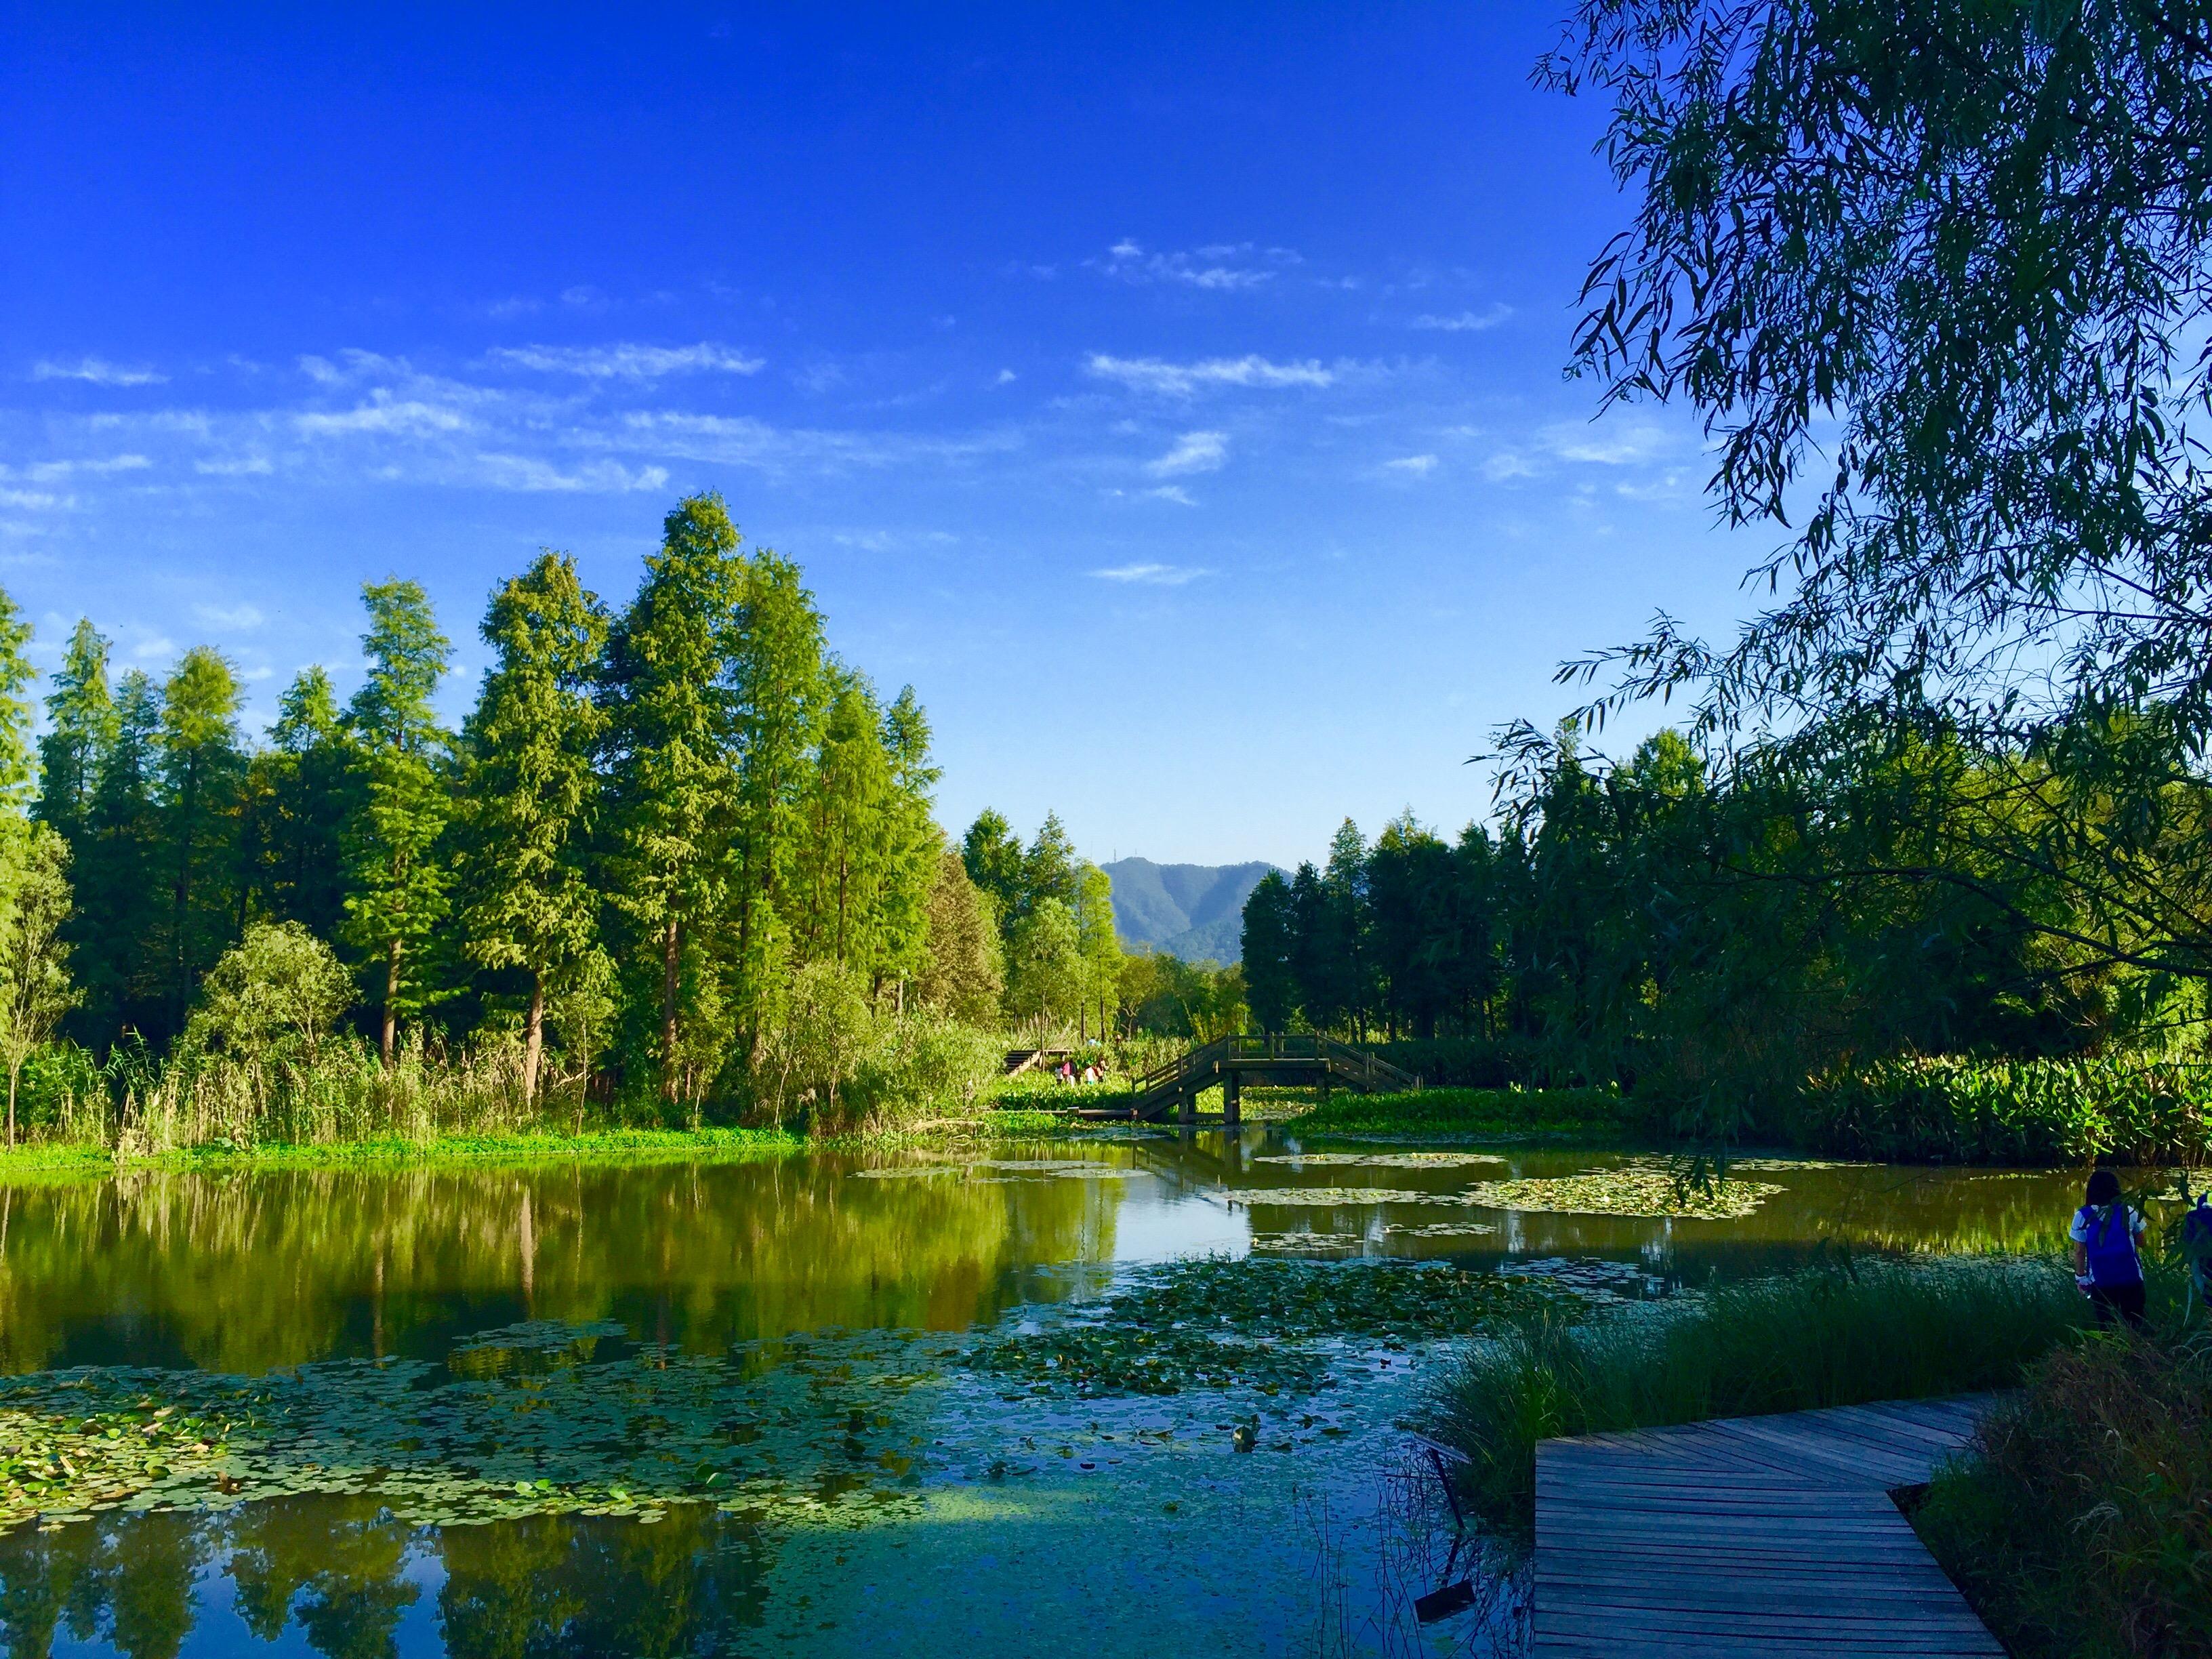 杭州湿地公园门票-杭州西溪湿地门票,西溪湿地公园门票,杭州西溪湿地公园,杭州湿地公园好玩吗